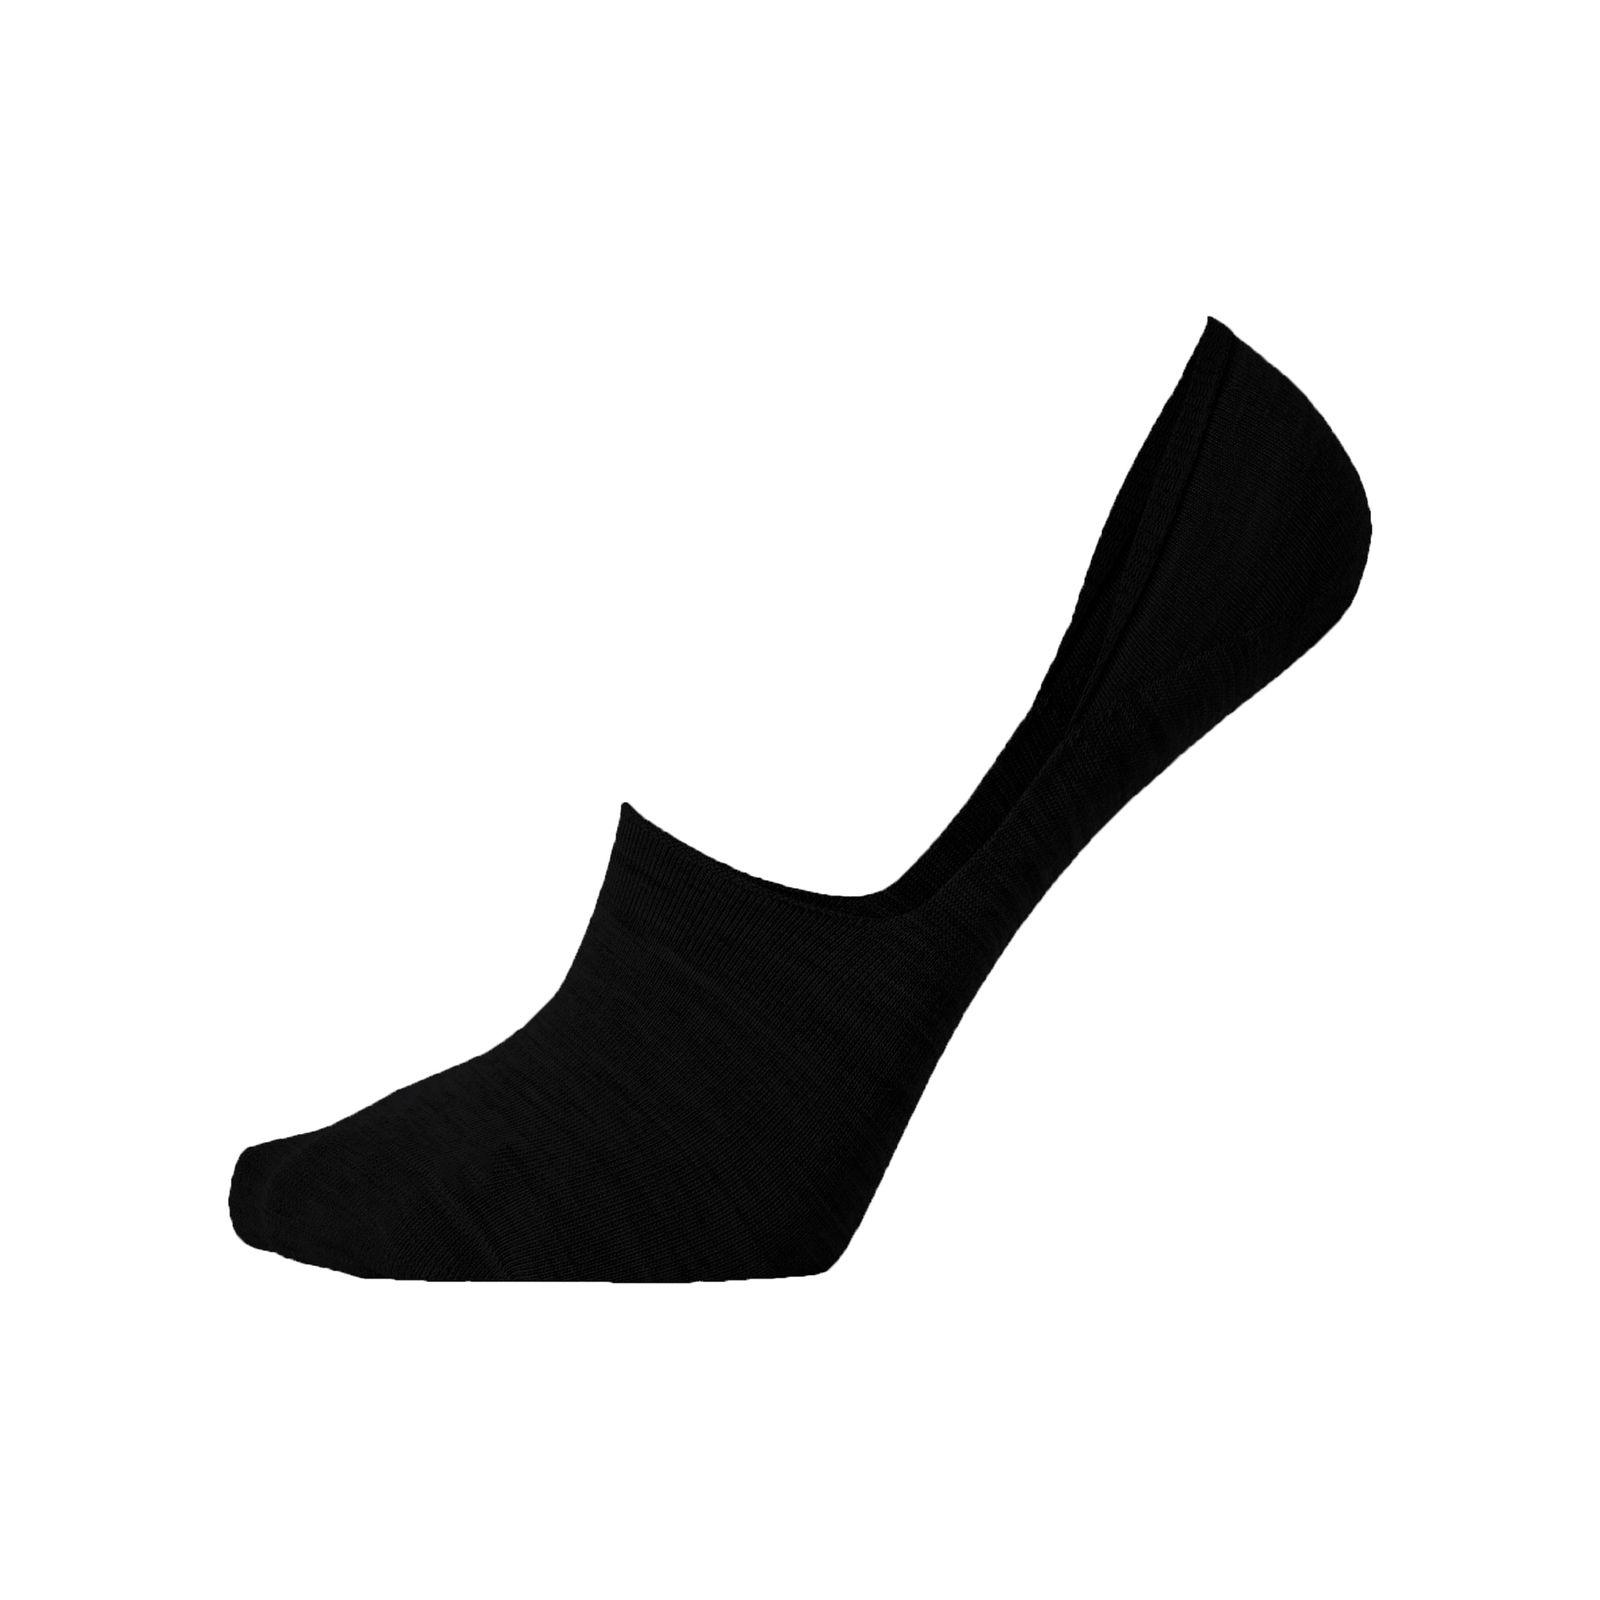 جوراب زنانه مستر جوراب کد BL-MRM 256 بسته 12 عددی -  - 3